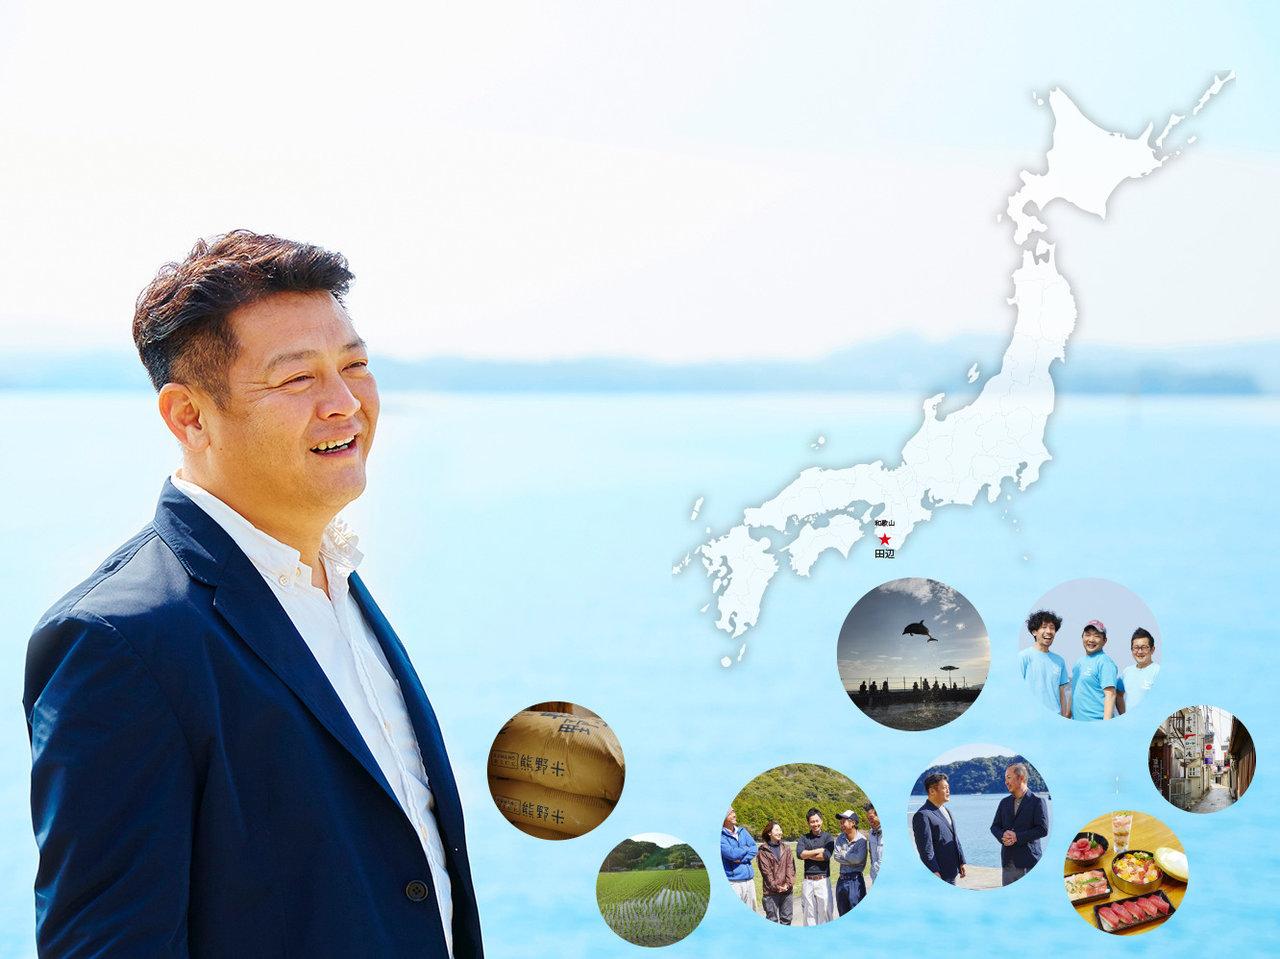 米屋『たがみ』田上雅人さんの開拓力と巻き込み力。